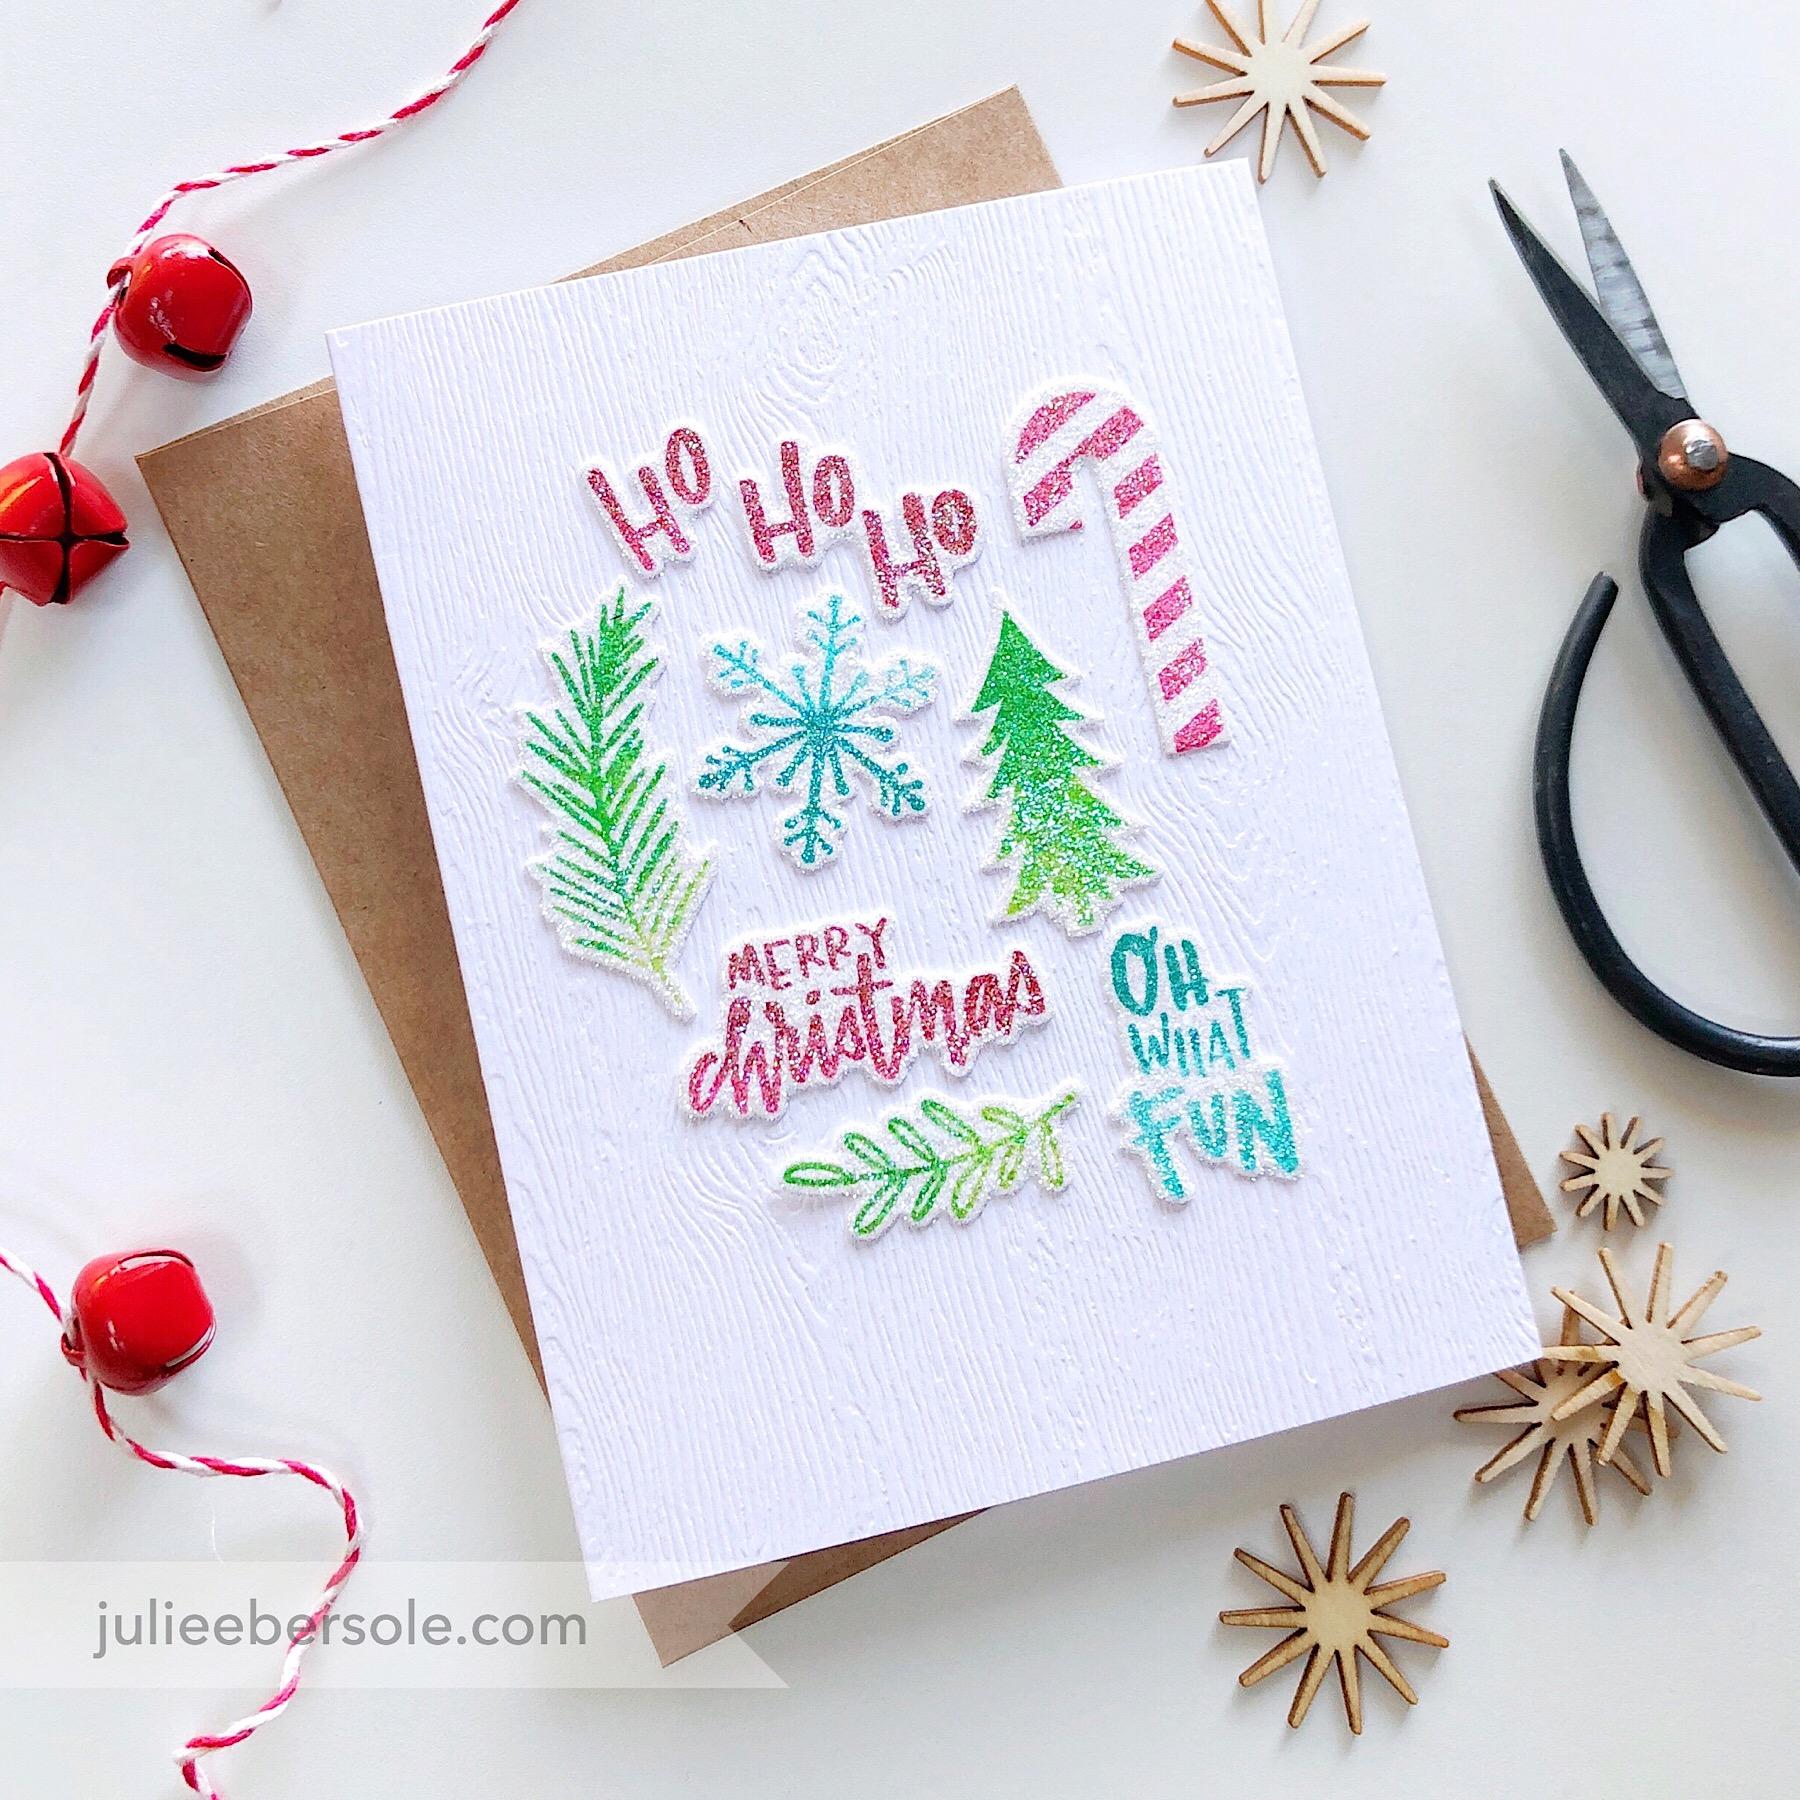 stampmrkt-merrydays-003-2.jpg